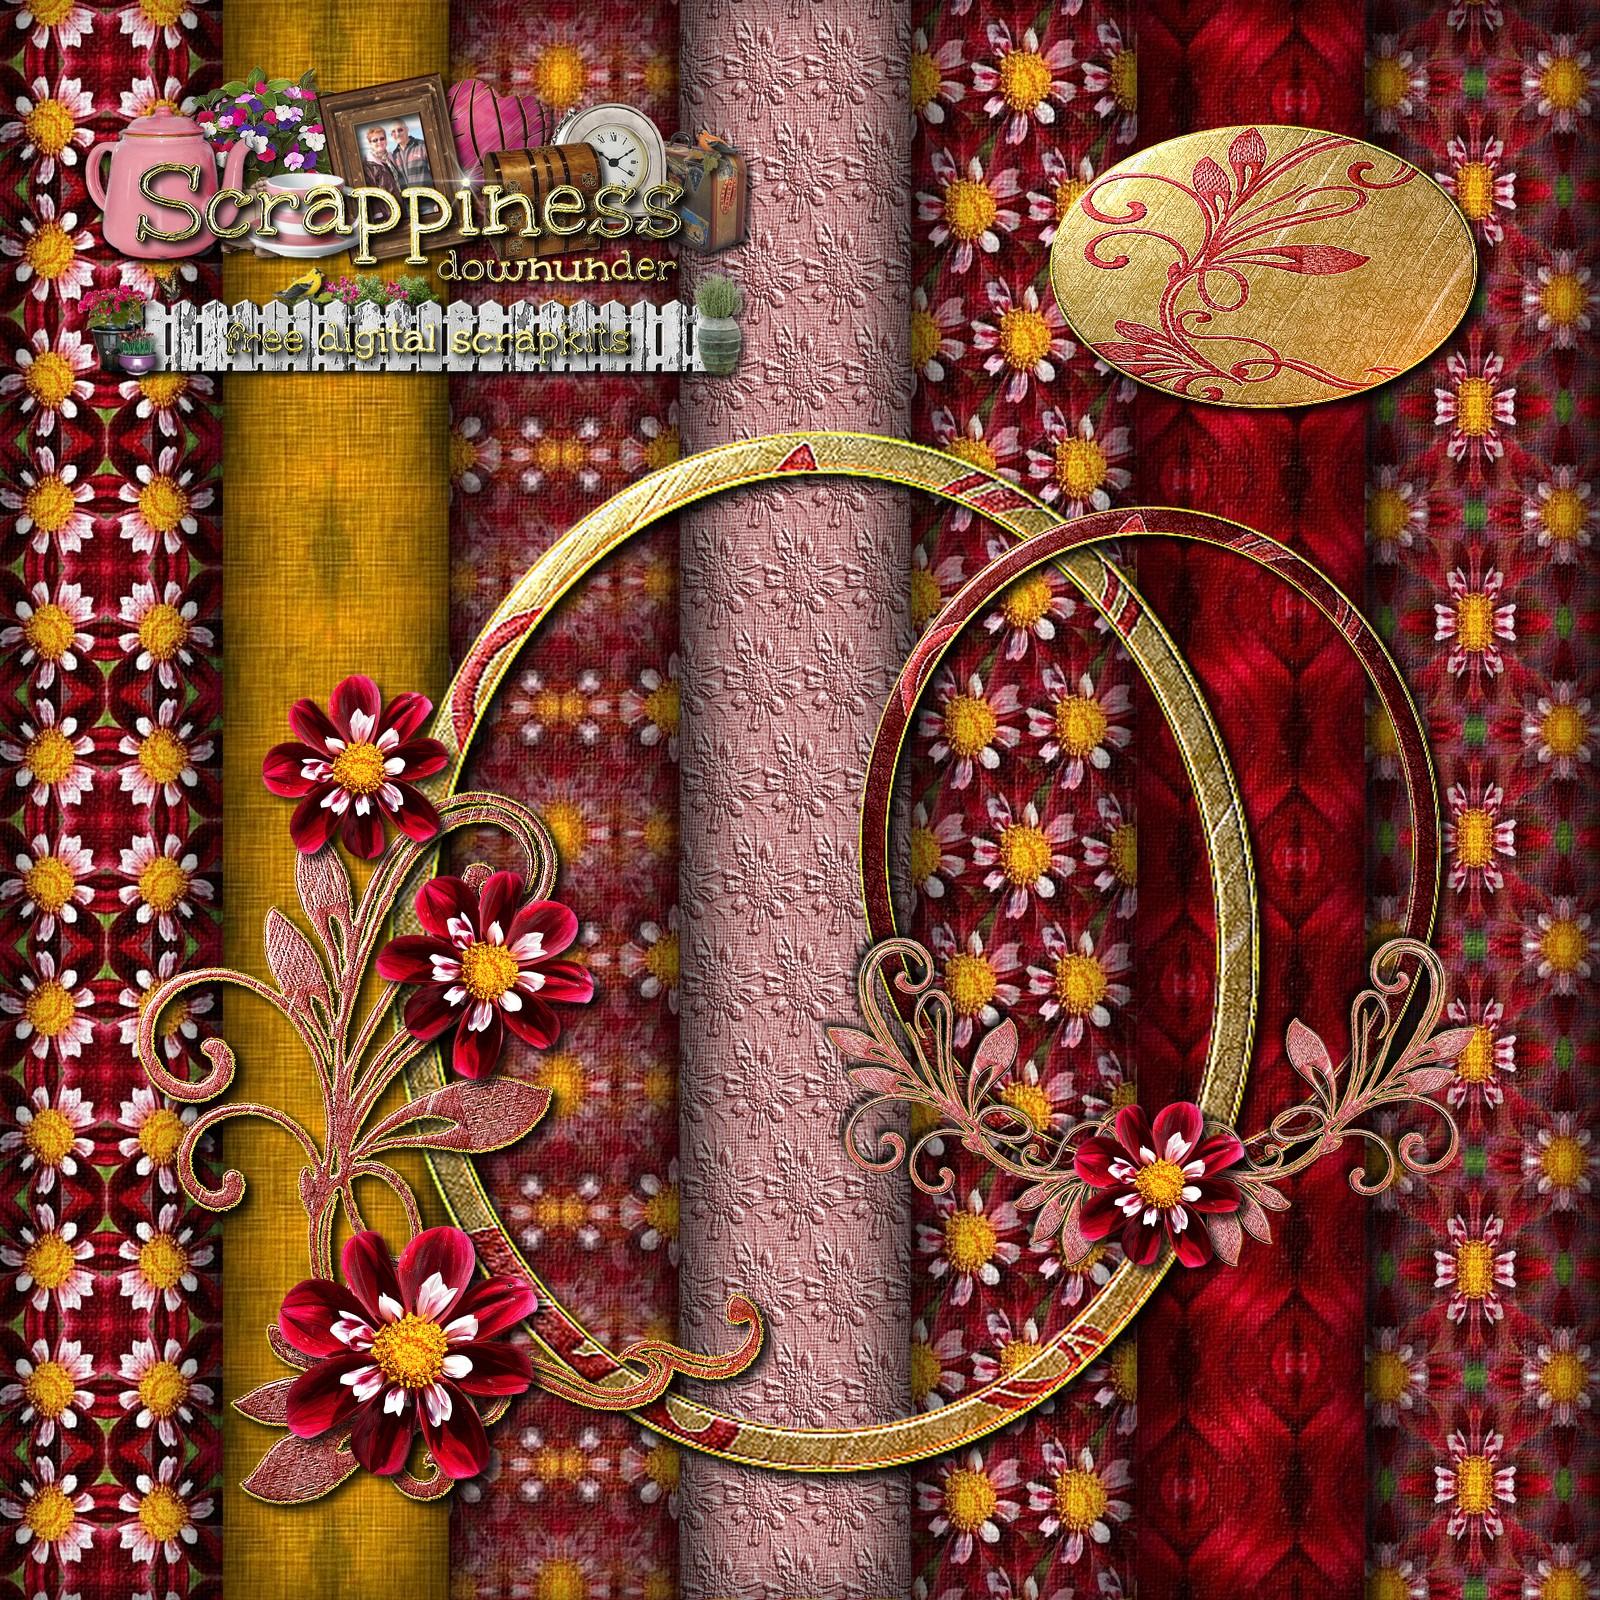 http://2.bp.blogspot.com/-5SX-8M9DOCQ/TrZODDmjjTI/AAAAAAAADyo/VyTqLziM24I/s1600/lm110611+%25281%2529.jpg